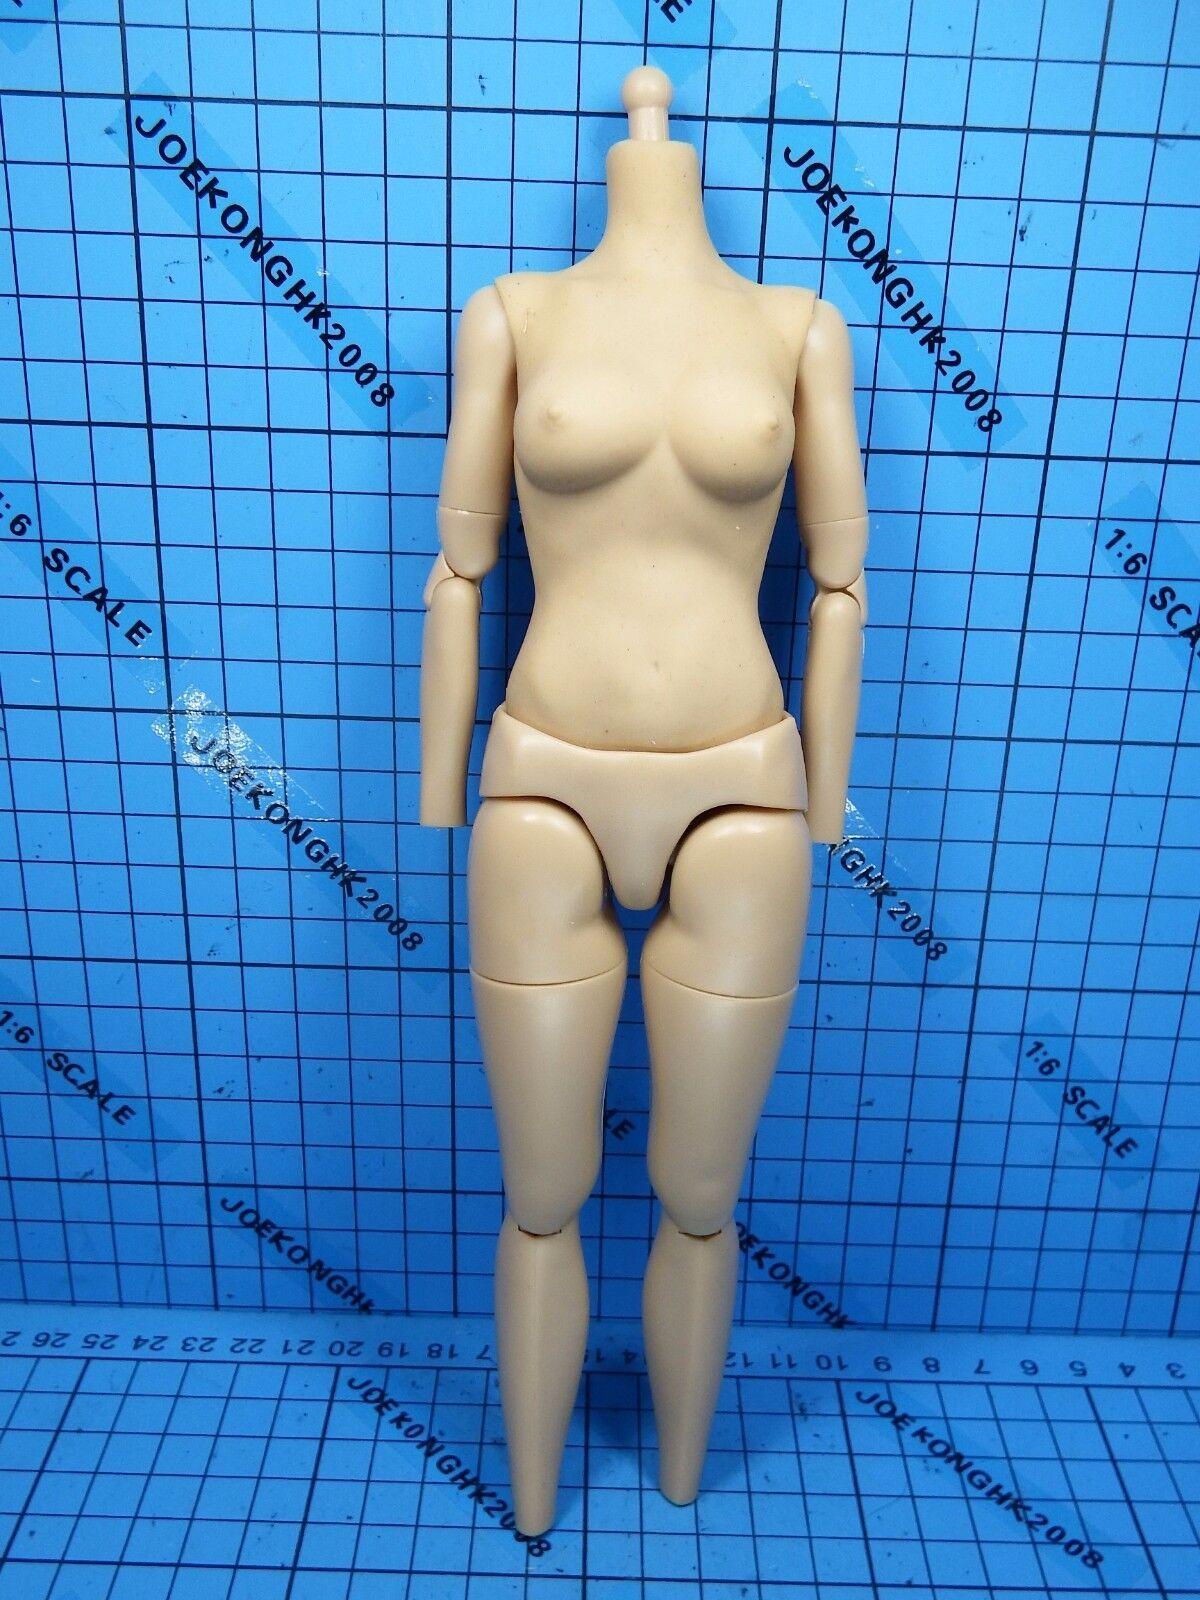 Hot Toys 1 6 l'esprit MMS92 Silken Floss Figure-Soft torse musclé body